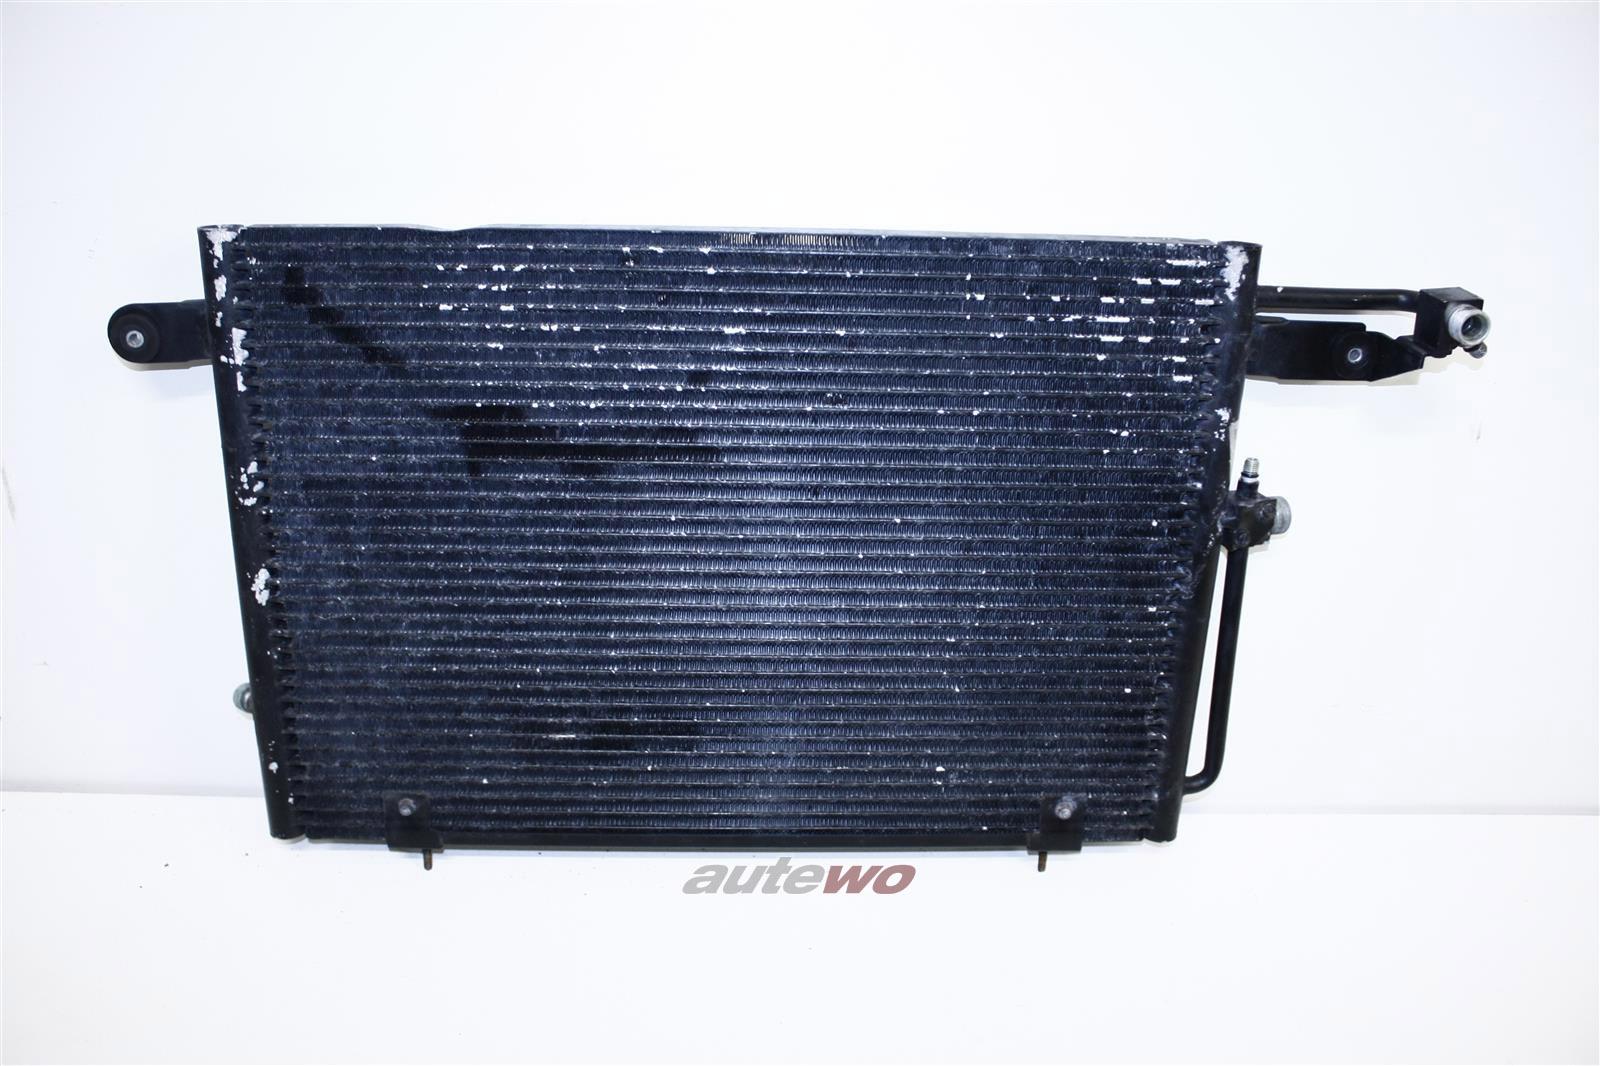 Audi 100/A6/S4/S6 C4 Kältemittel-/Klima-Kondensator R134A Hella 4A0260403AC/4A0260403AD